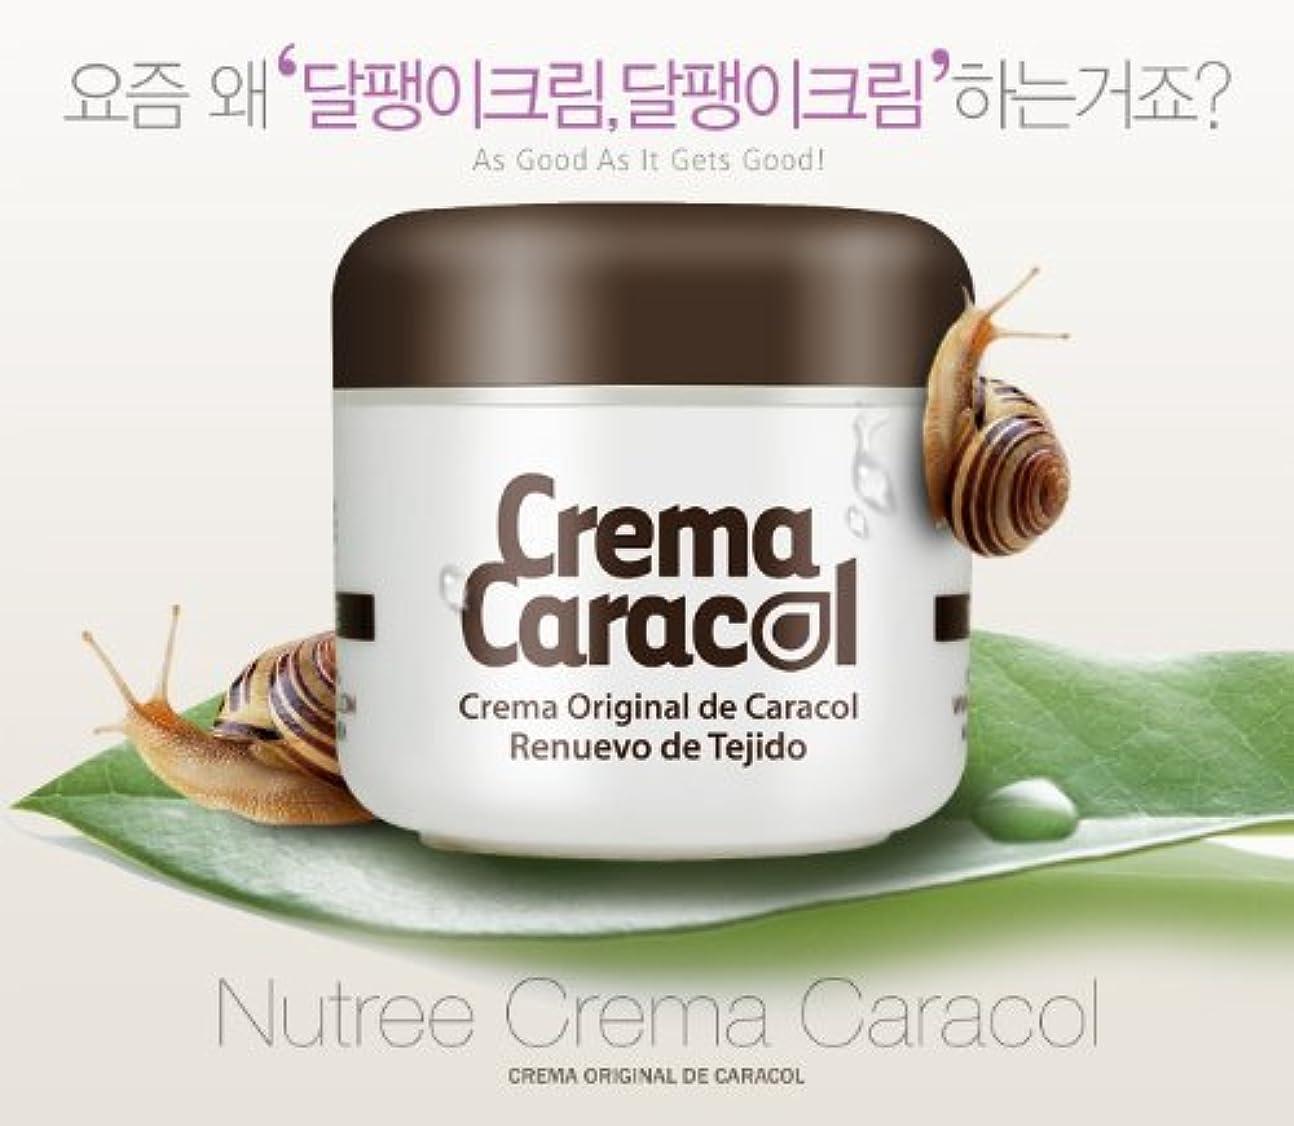 crema caracol(カラコール) かたつむりクリーム 5個セット